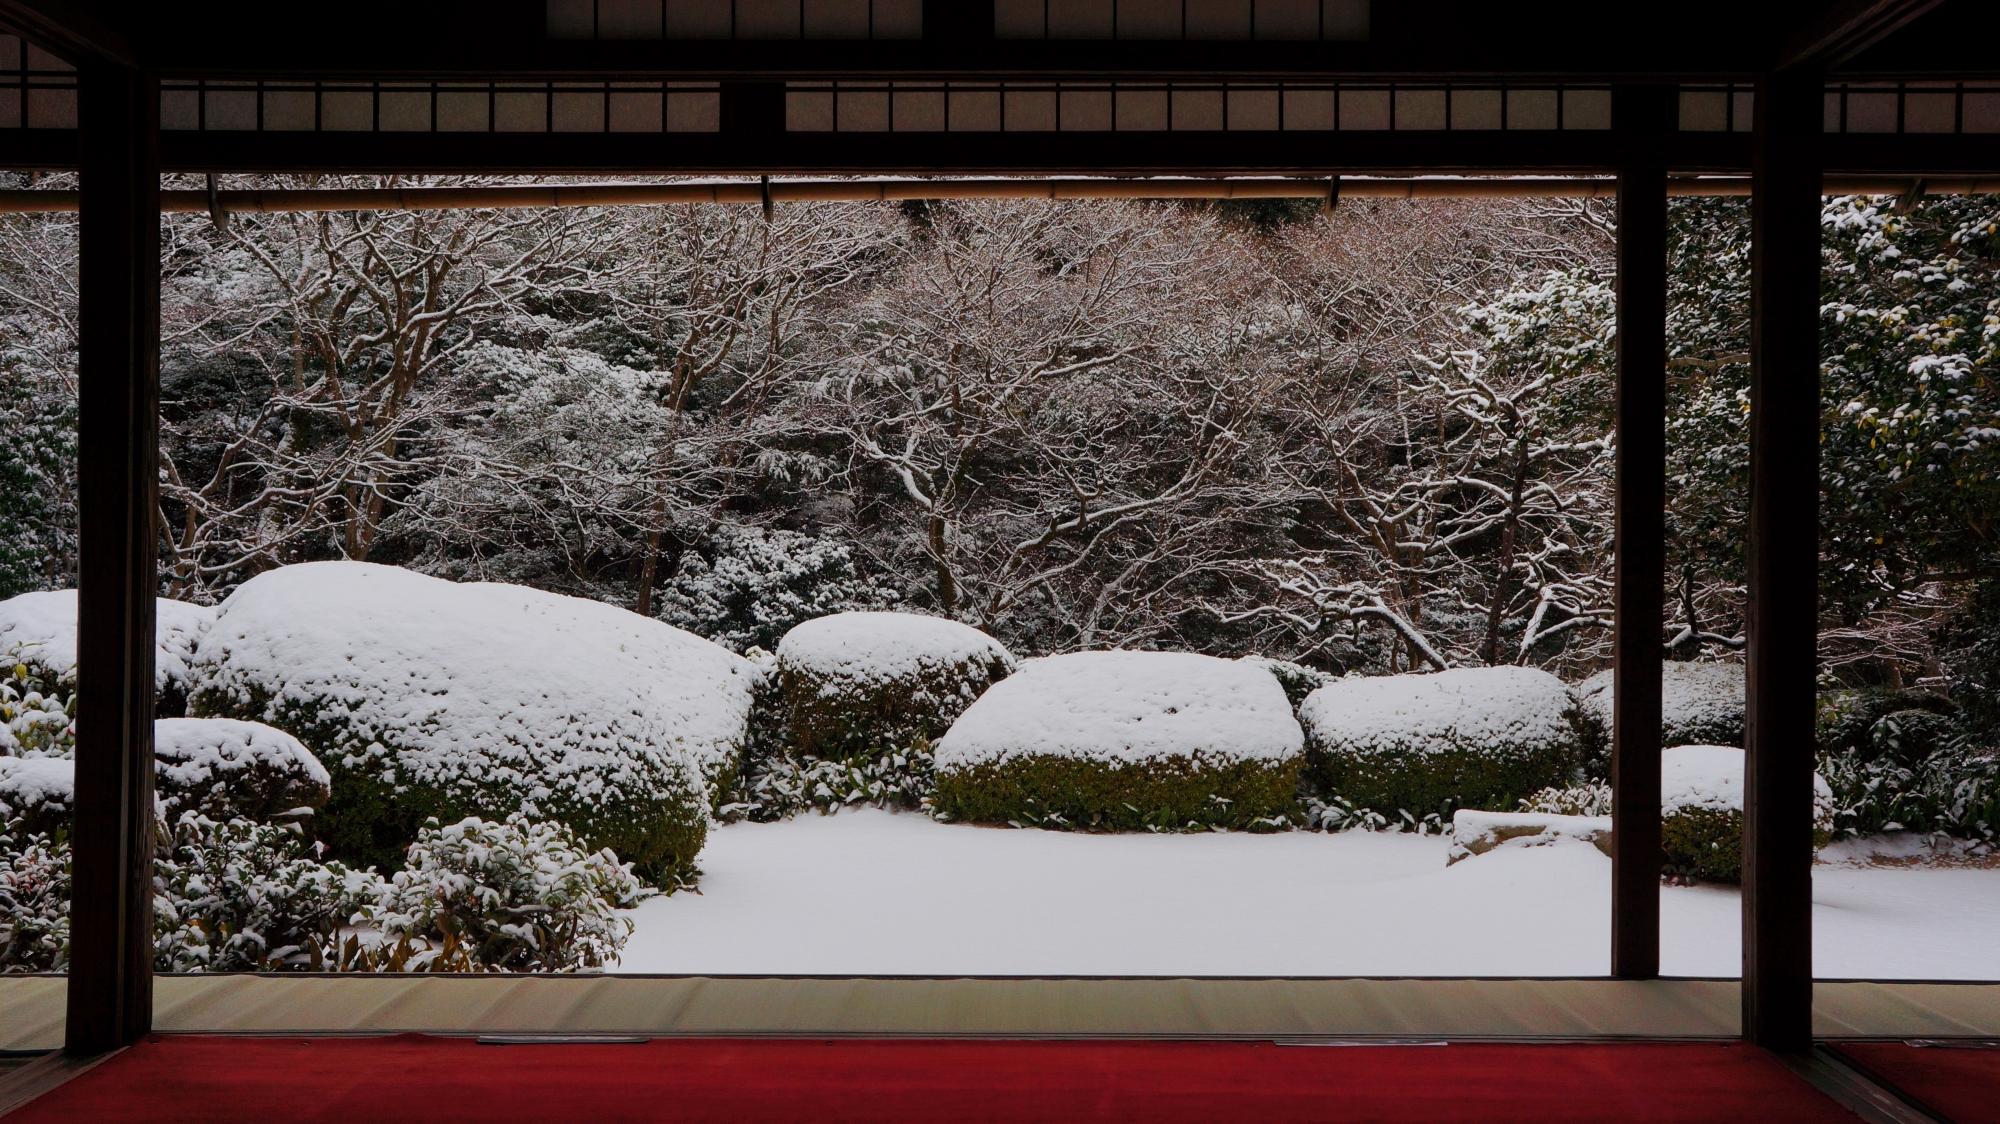 詩仙堂の素晴らしい雪の額縁庭園